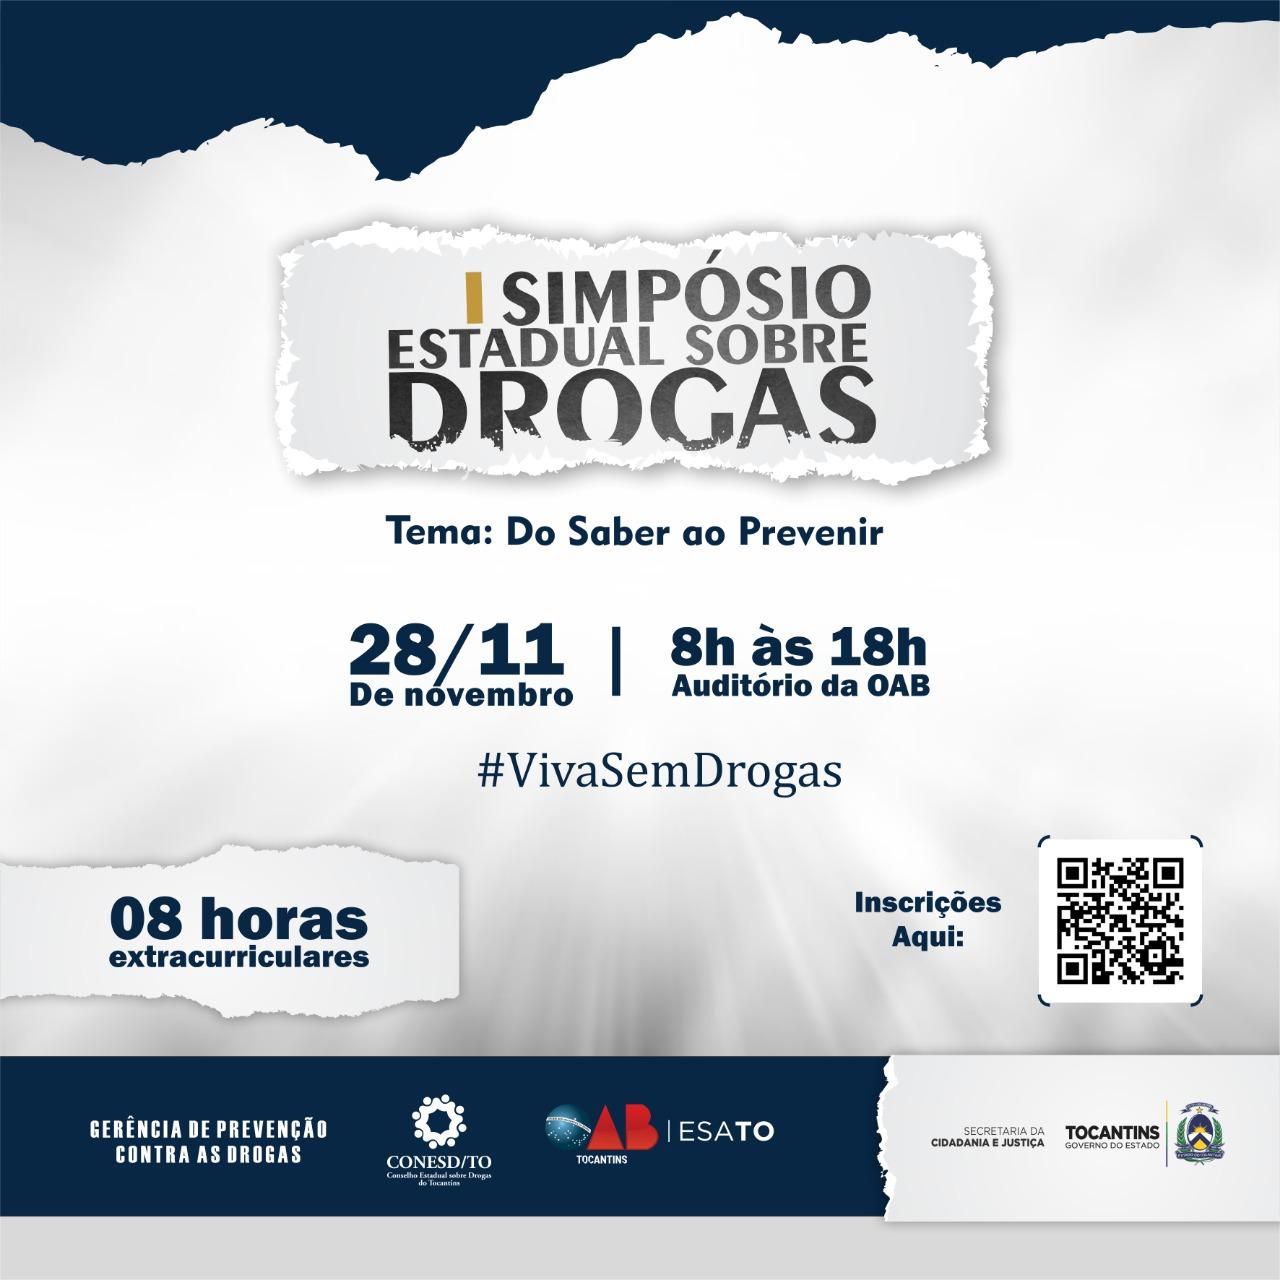 Inscrições abertas para participar do 1º Simpósio Estadual Sobre Drogas